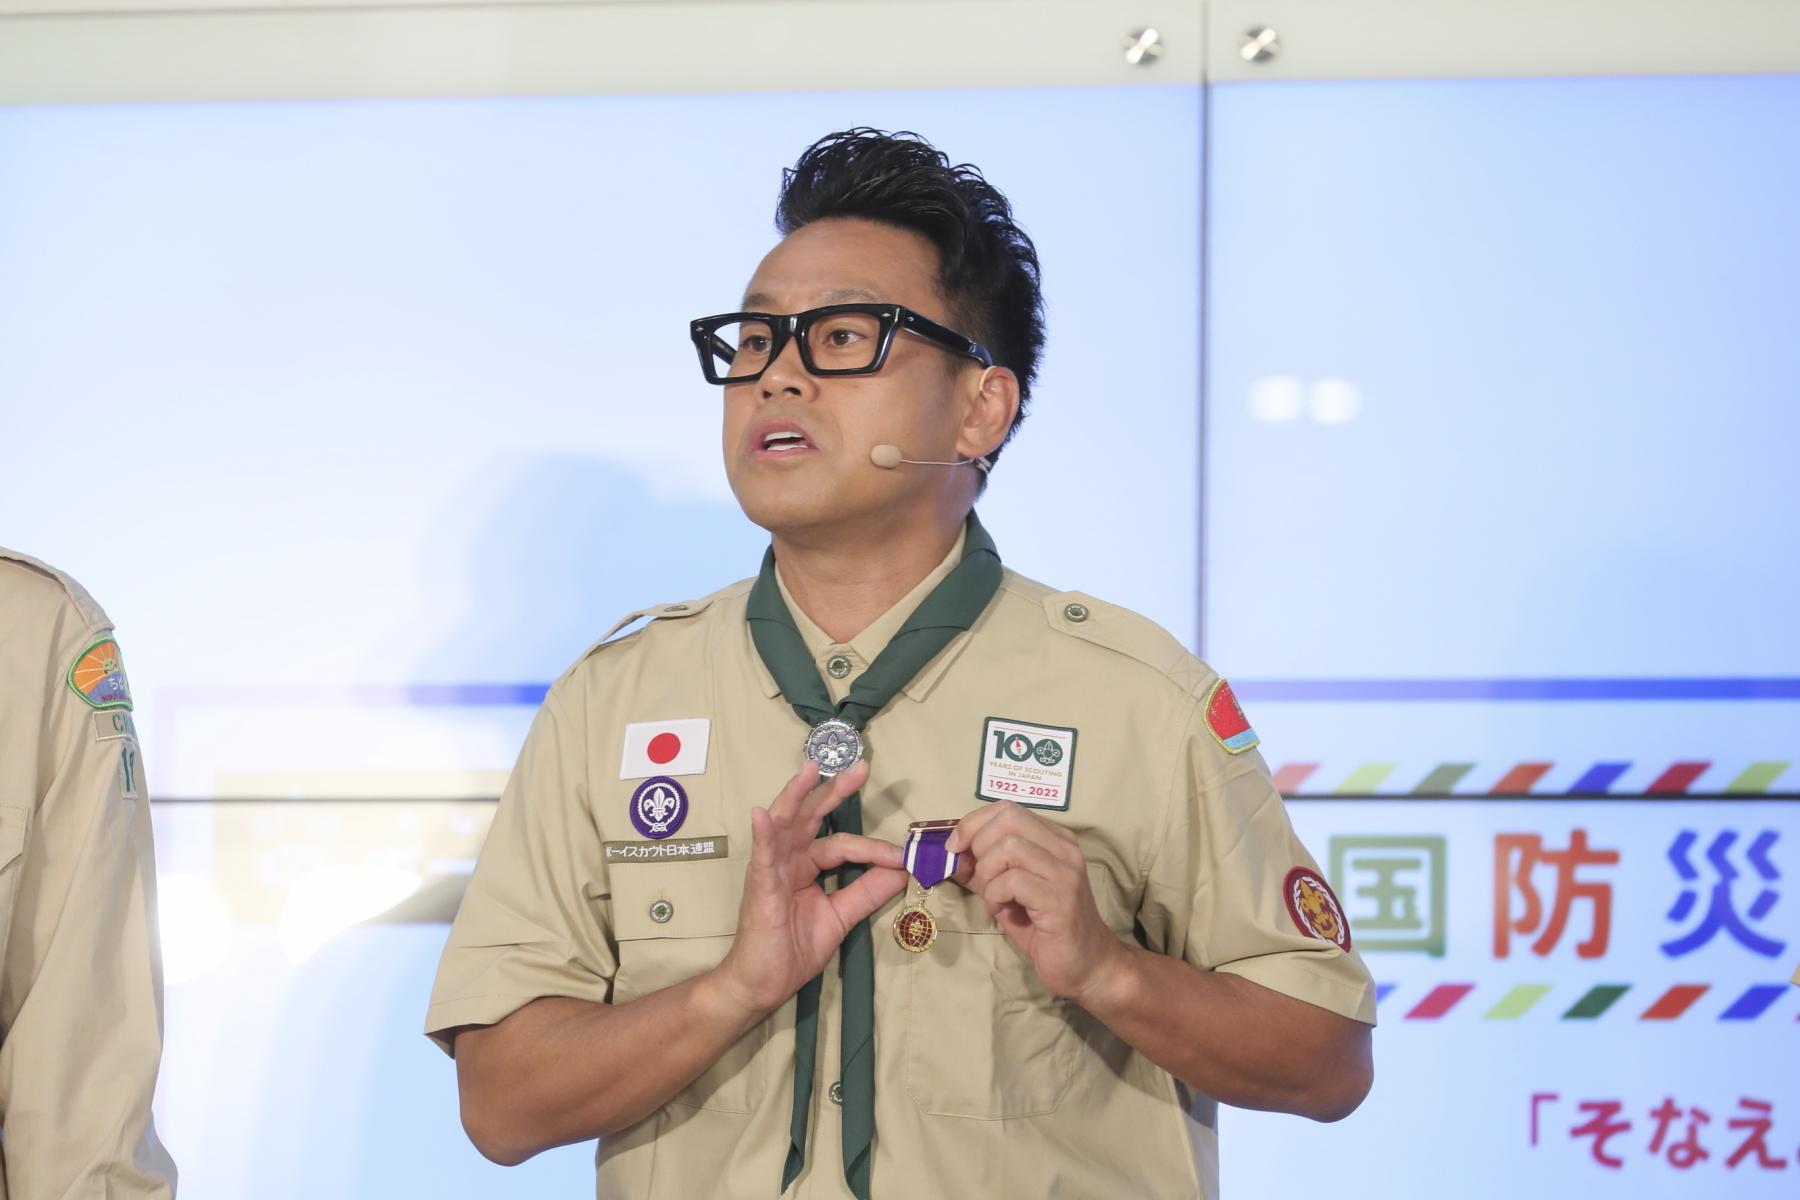 http://news.yoshimoto.co.jp/20180830173913-27bbdfb8e8da57e55414576baed211f8cedf0e08.jpg